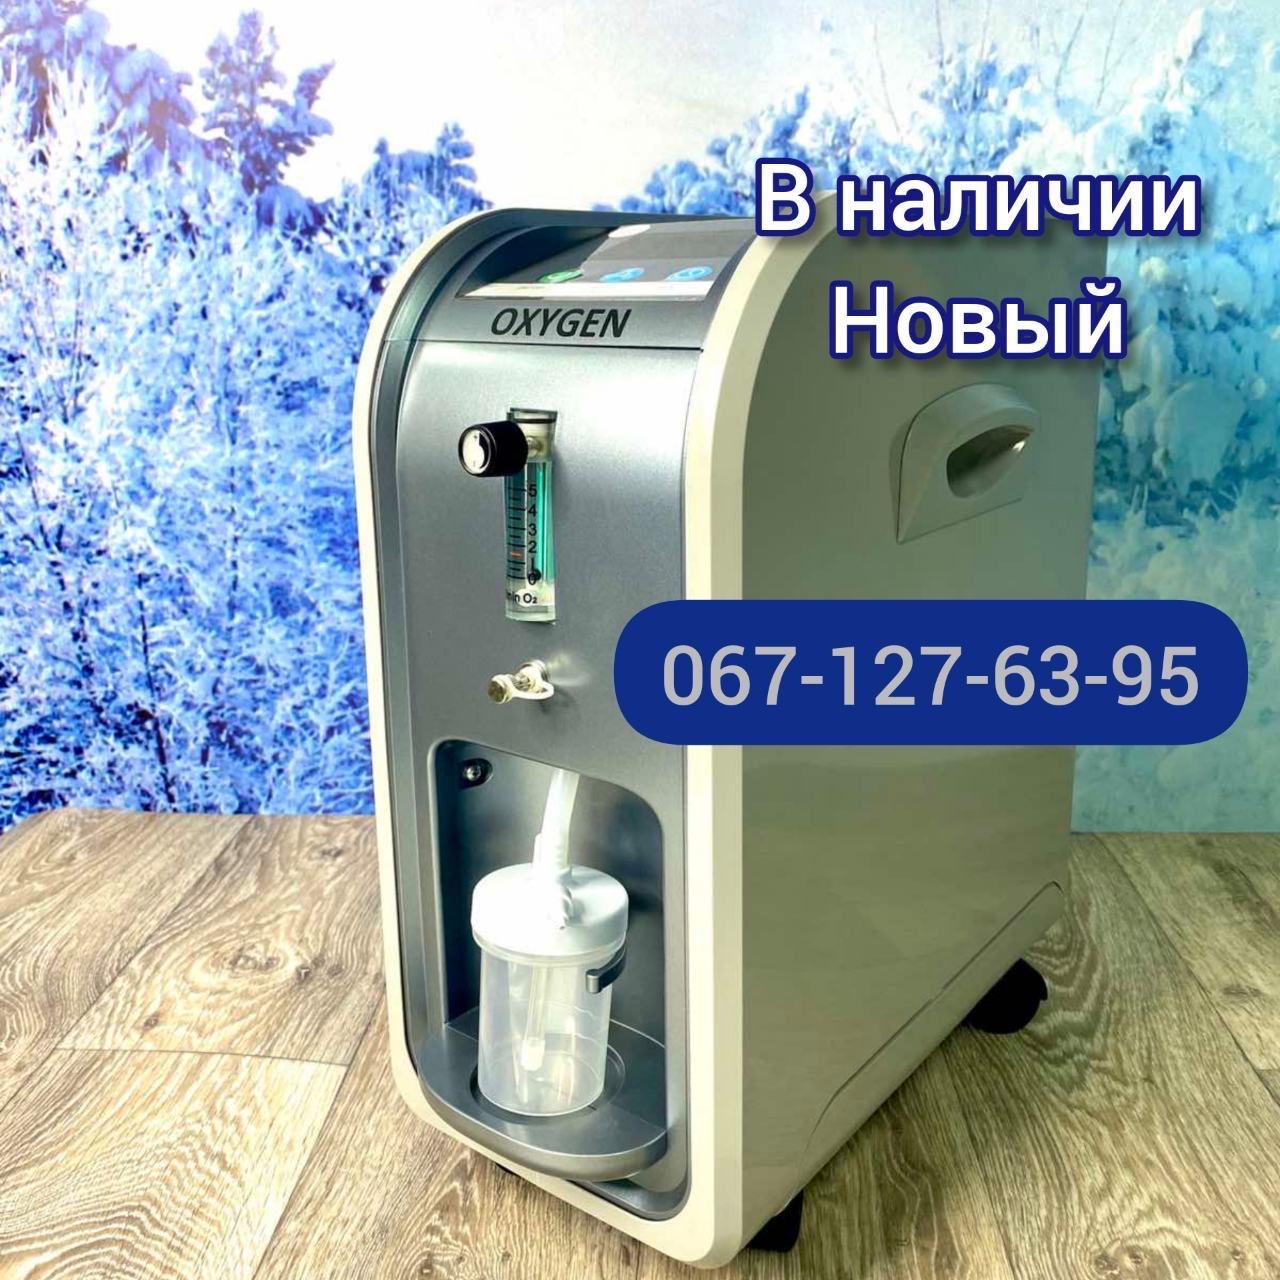 Концентратор кислородный OXYGEN 5L на 5 литров 93% генератор / аппарат для кислорода / кислород прибор